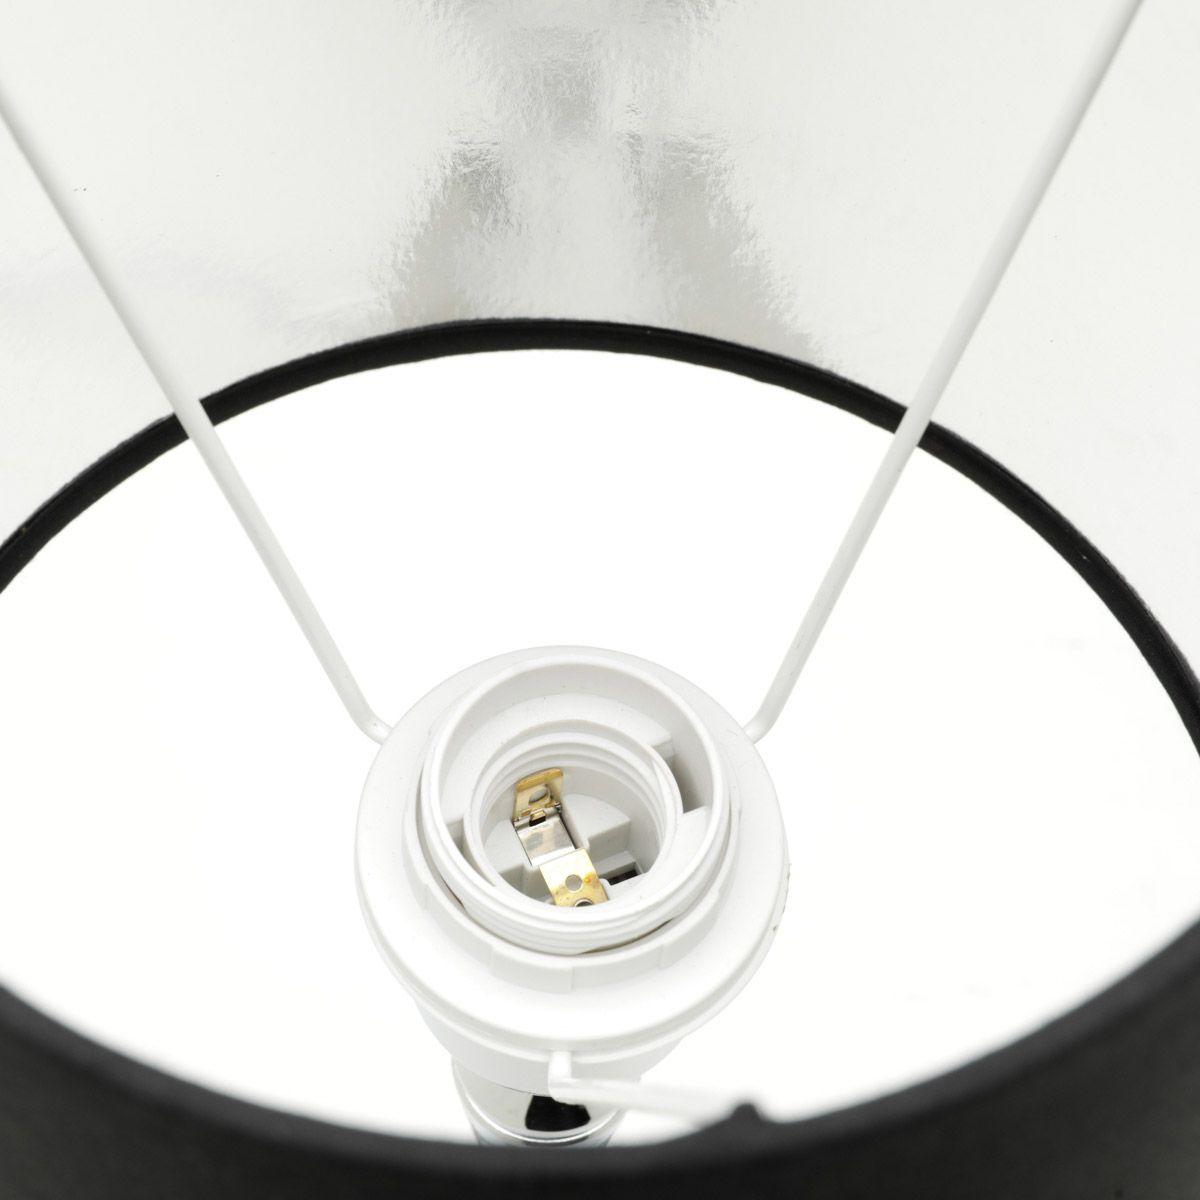 Abajur 45 cm de metal prateado e cúpula preta Bivolt Royal - 60565